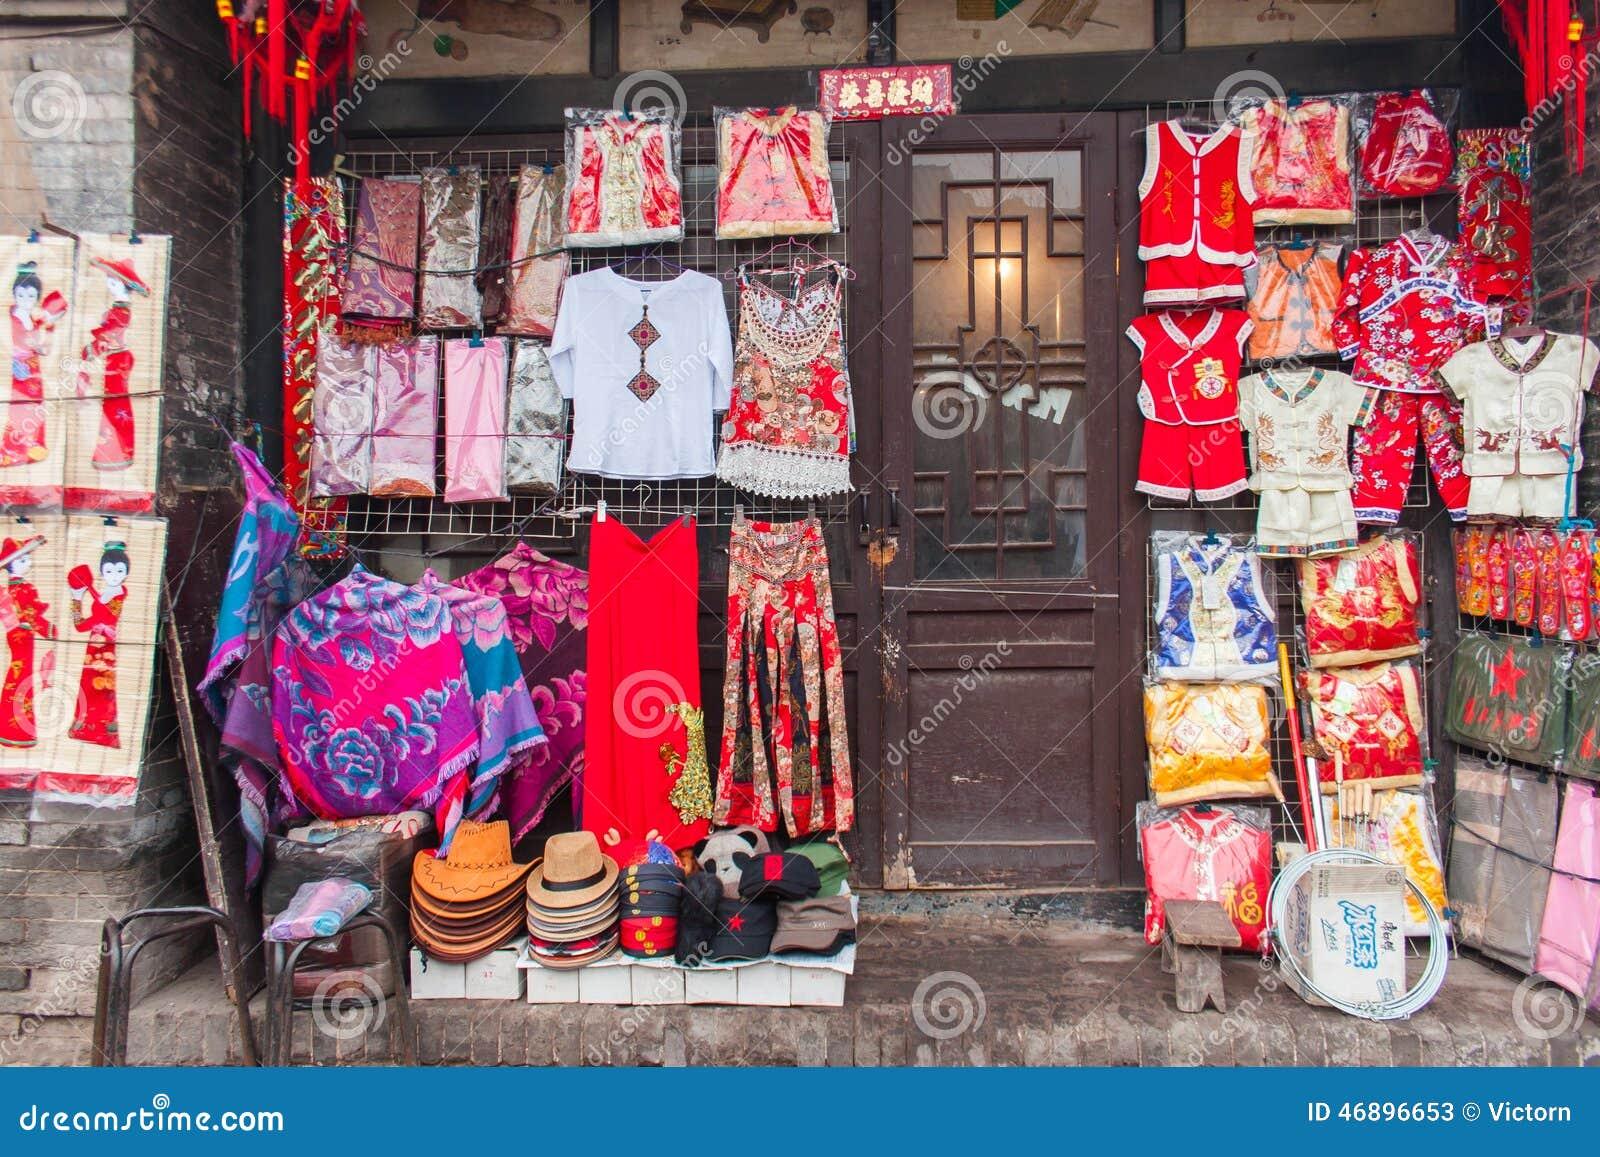 La fachada de una tienda de ropa tradicional china en una for Fachada tradicional